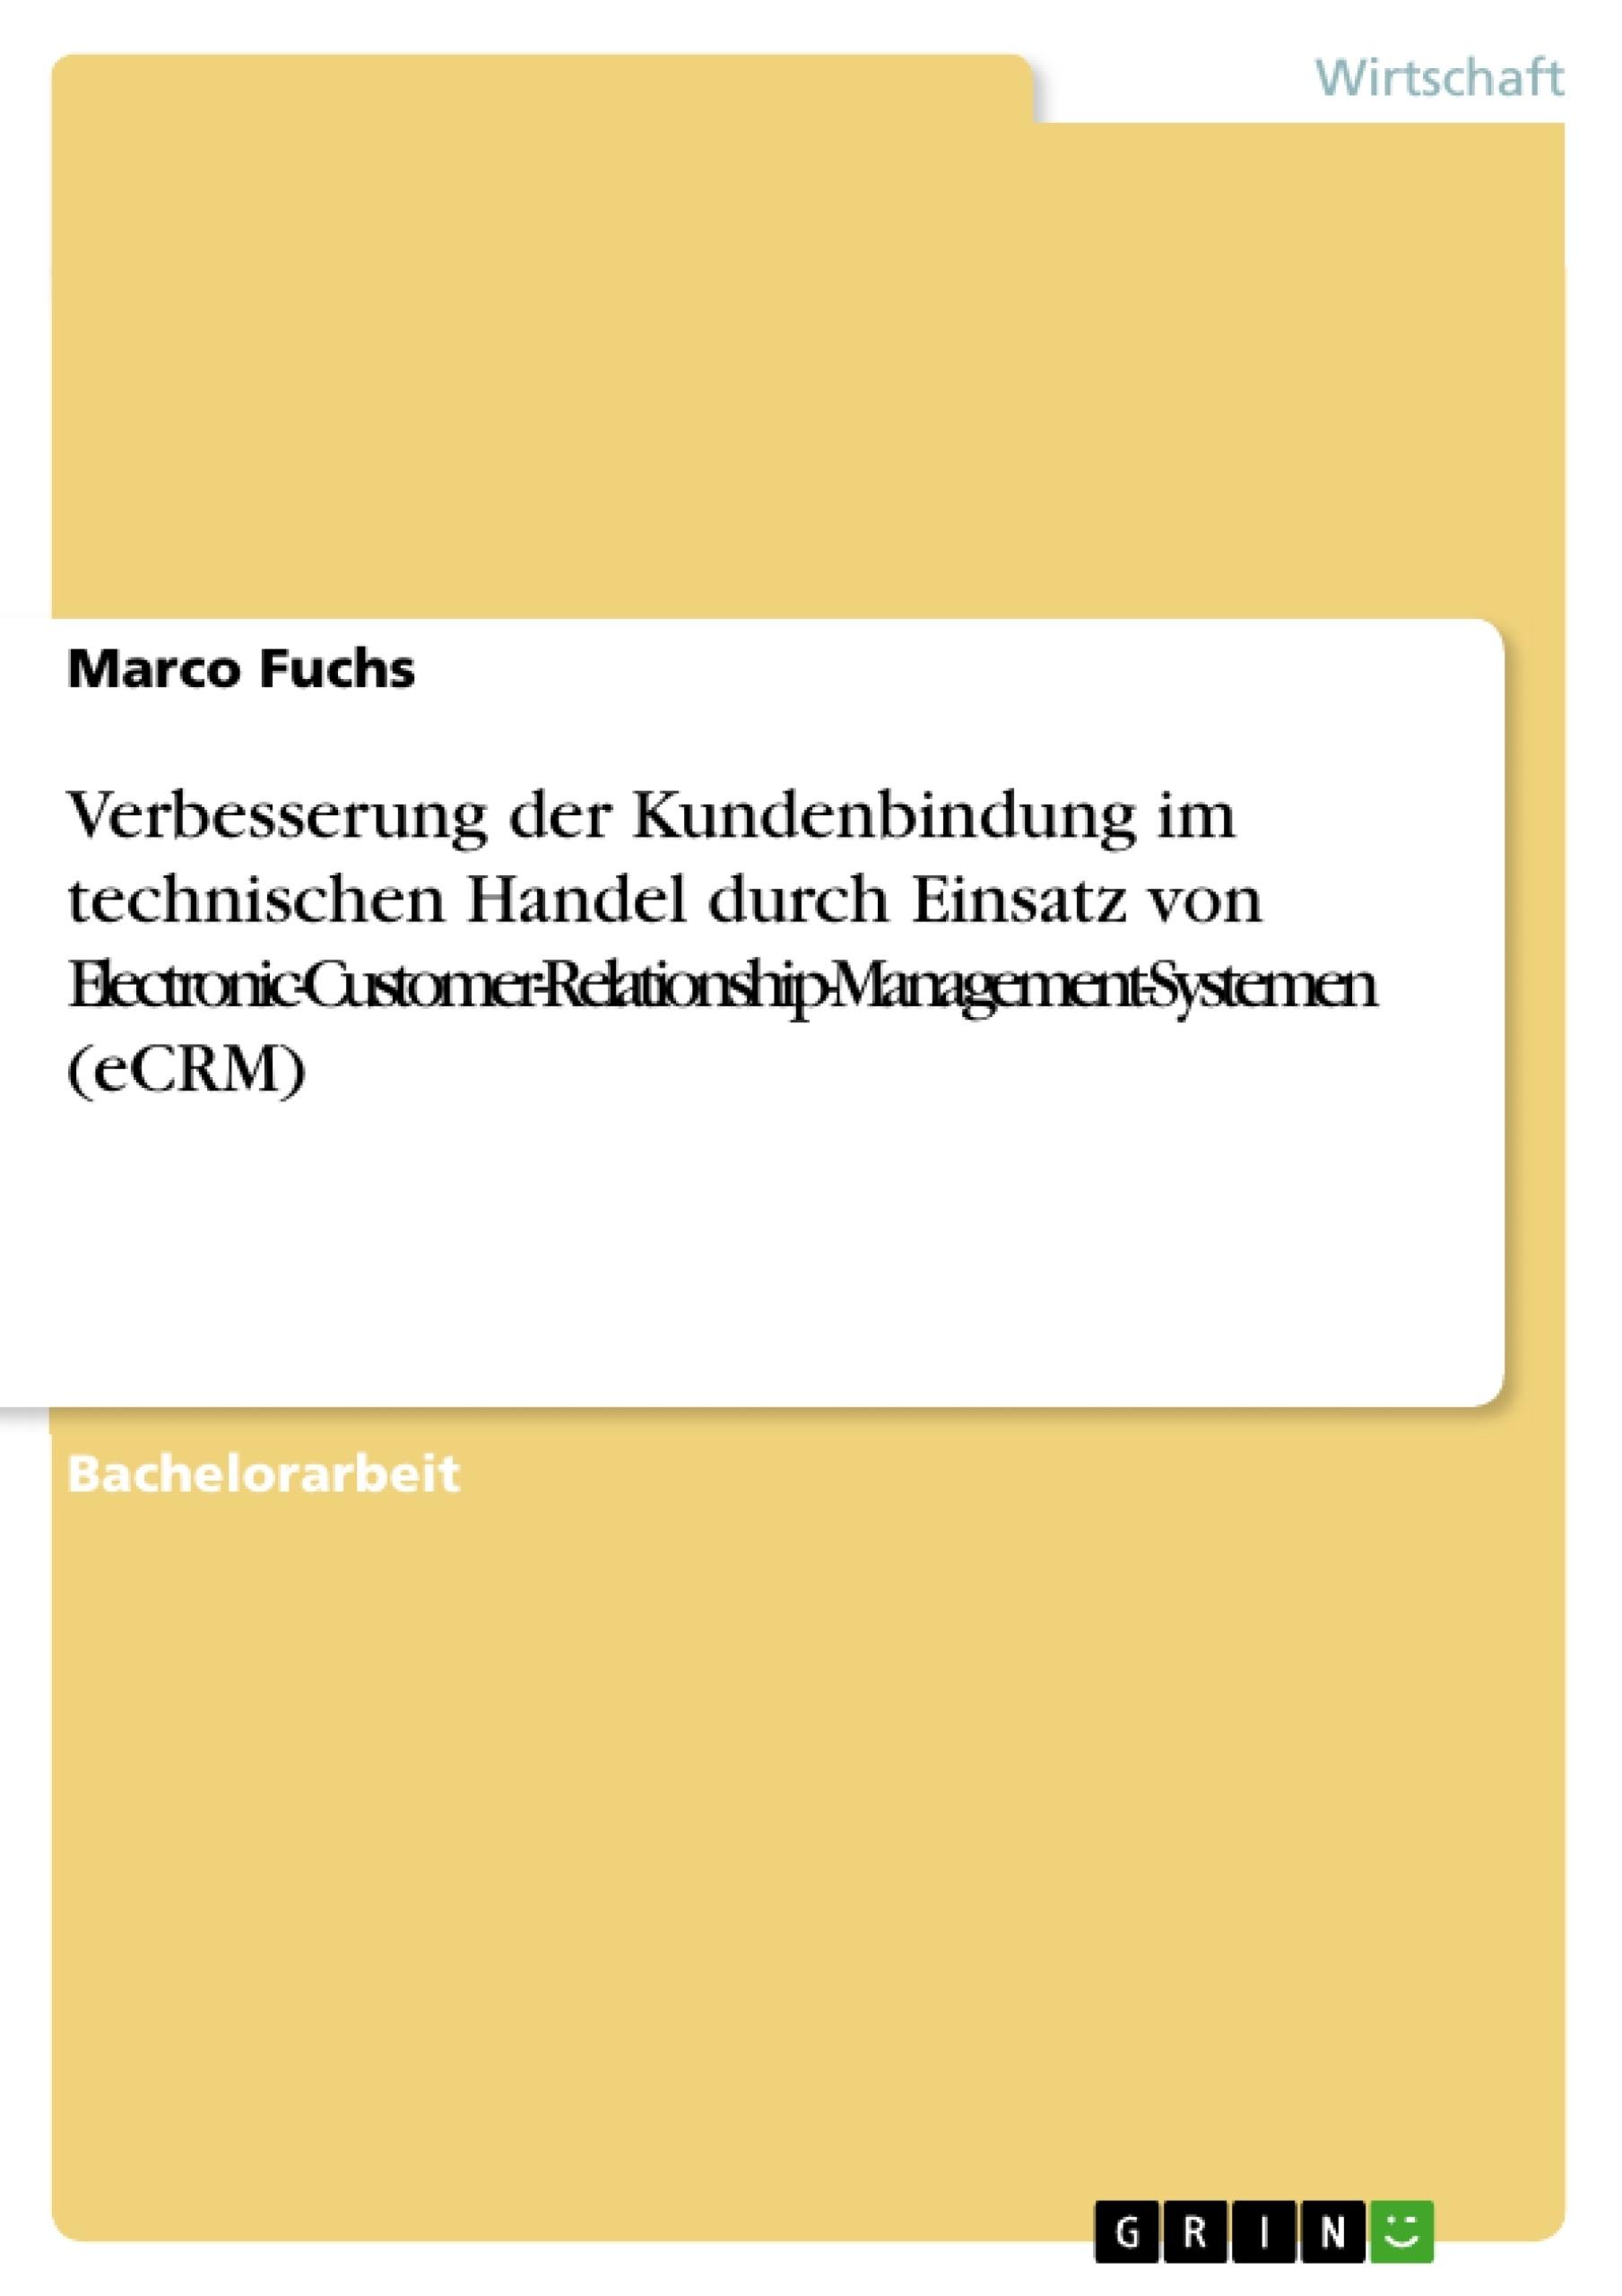 Titel: Verbesserung der Kundenbindung im technischen Handel durch Einsatz von Electronic-Customer-Relationship-Management-Systemen (eCRM)